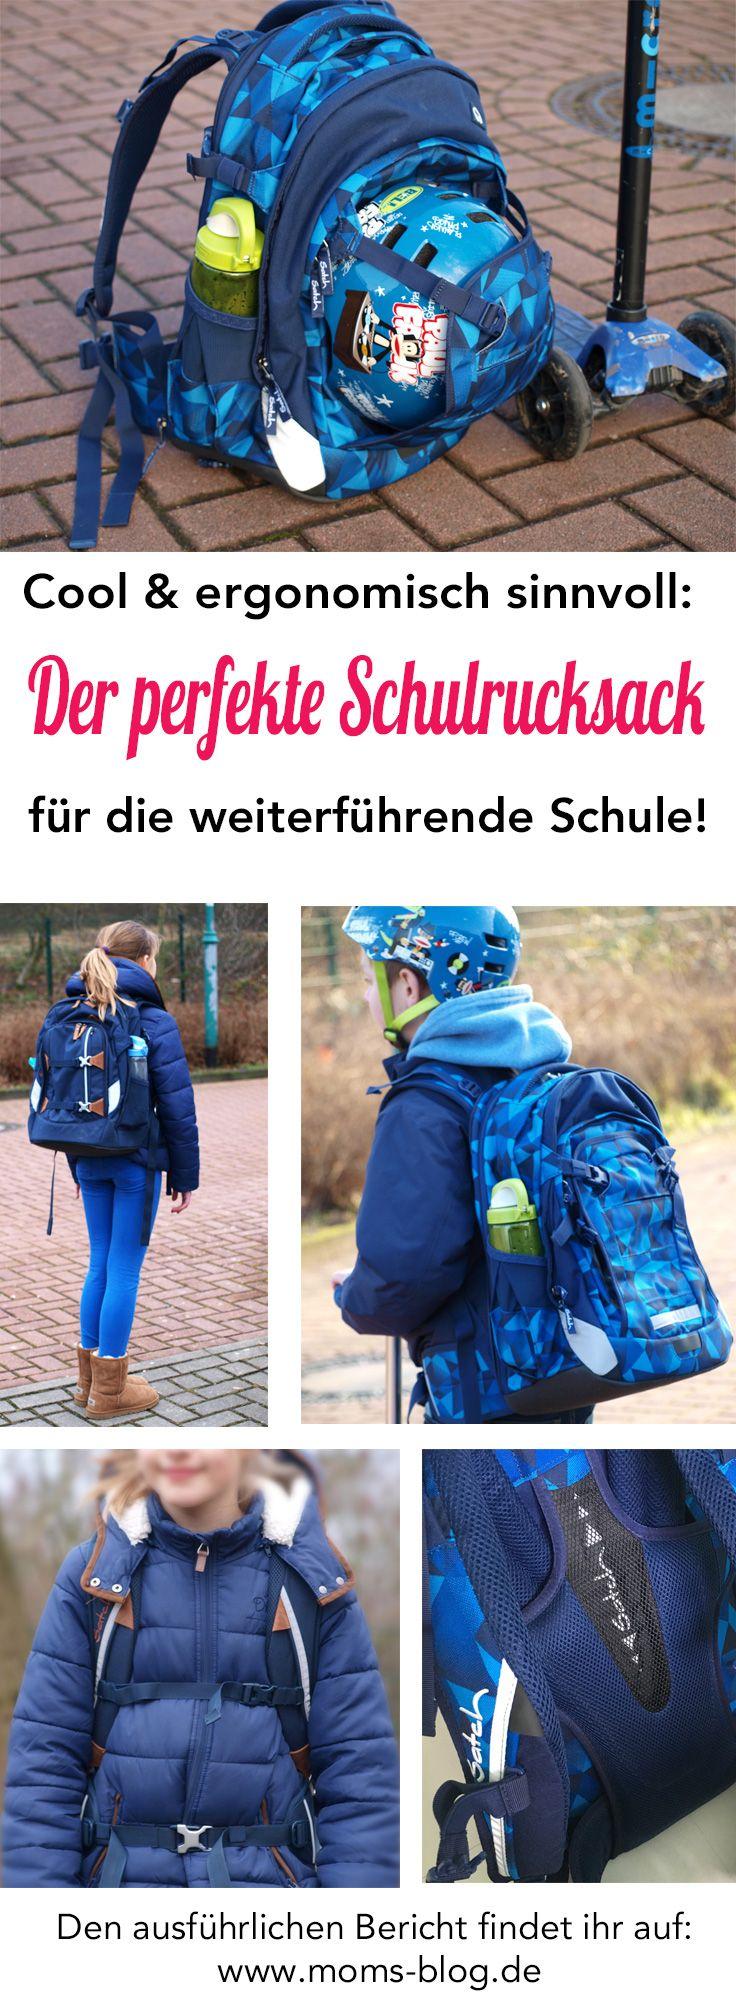 Euer Kind wechselt im Sommer auf die weiterführende Schule und ihr sucht nun nach einem Schulrucksack, der sowohl cool als auch bequem/ergonomisch sinnvoll ist? Dann habe ich einen Tipp für euch! :-) http://www.moms-blog.de/schulrucksack_satch_erfahrung/  #tornister #schultasche #schulrucksack